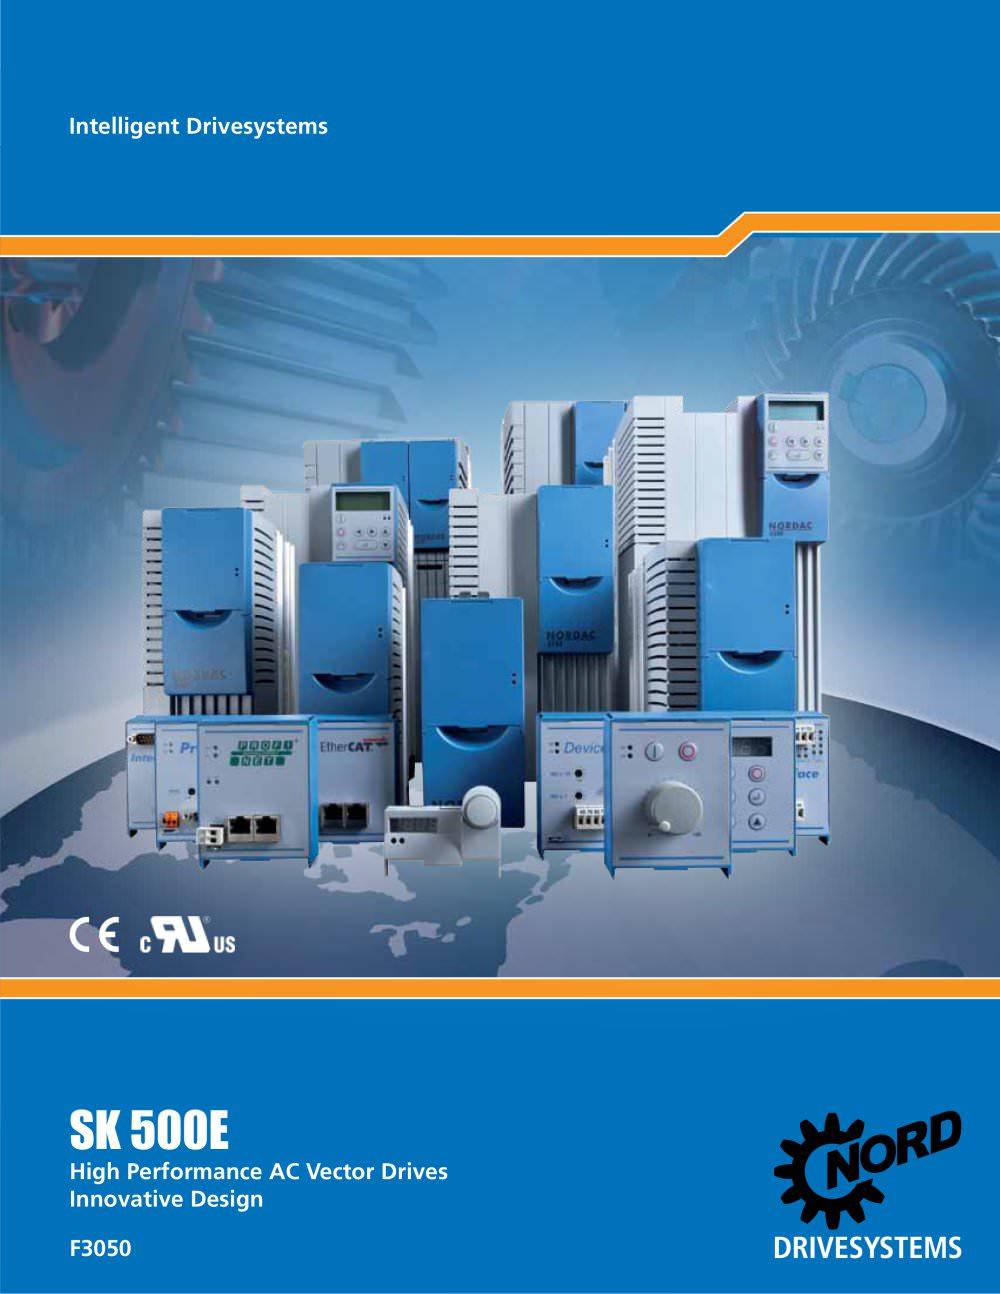 sk 500e flyer unit 25 145263_1b sk 500e flyer unit 25 getriebebau nord gmbh & co kg pdf nord motor wiring diagram at eliteediting.co